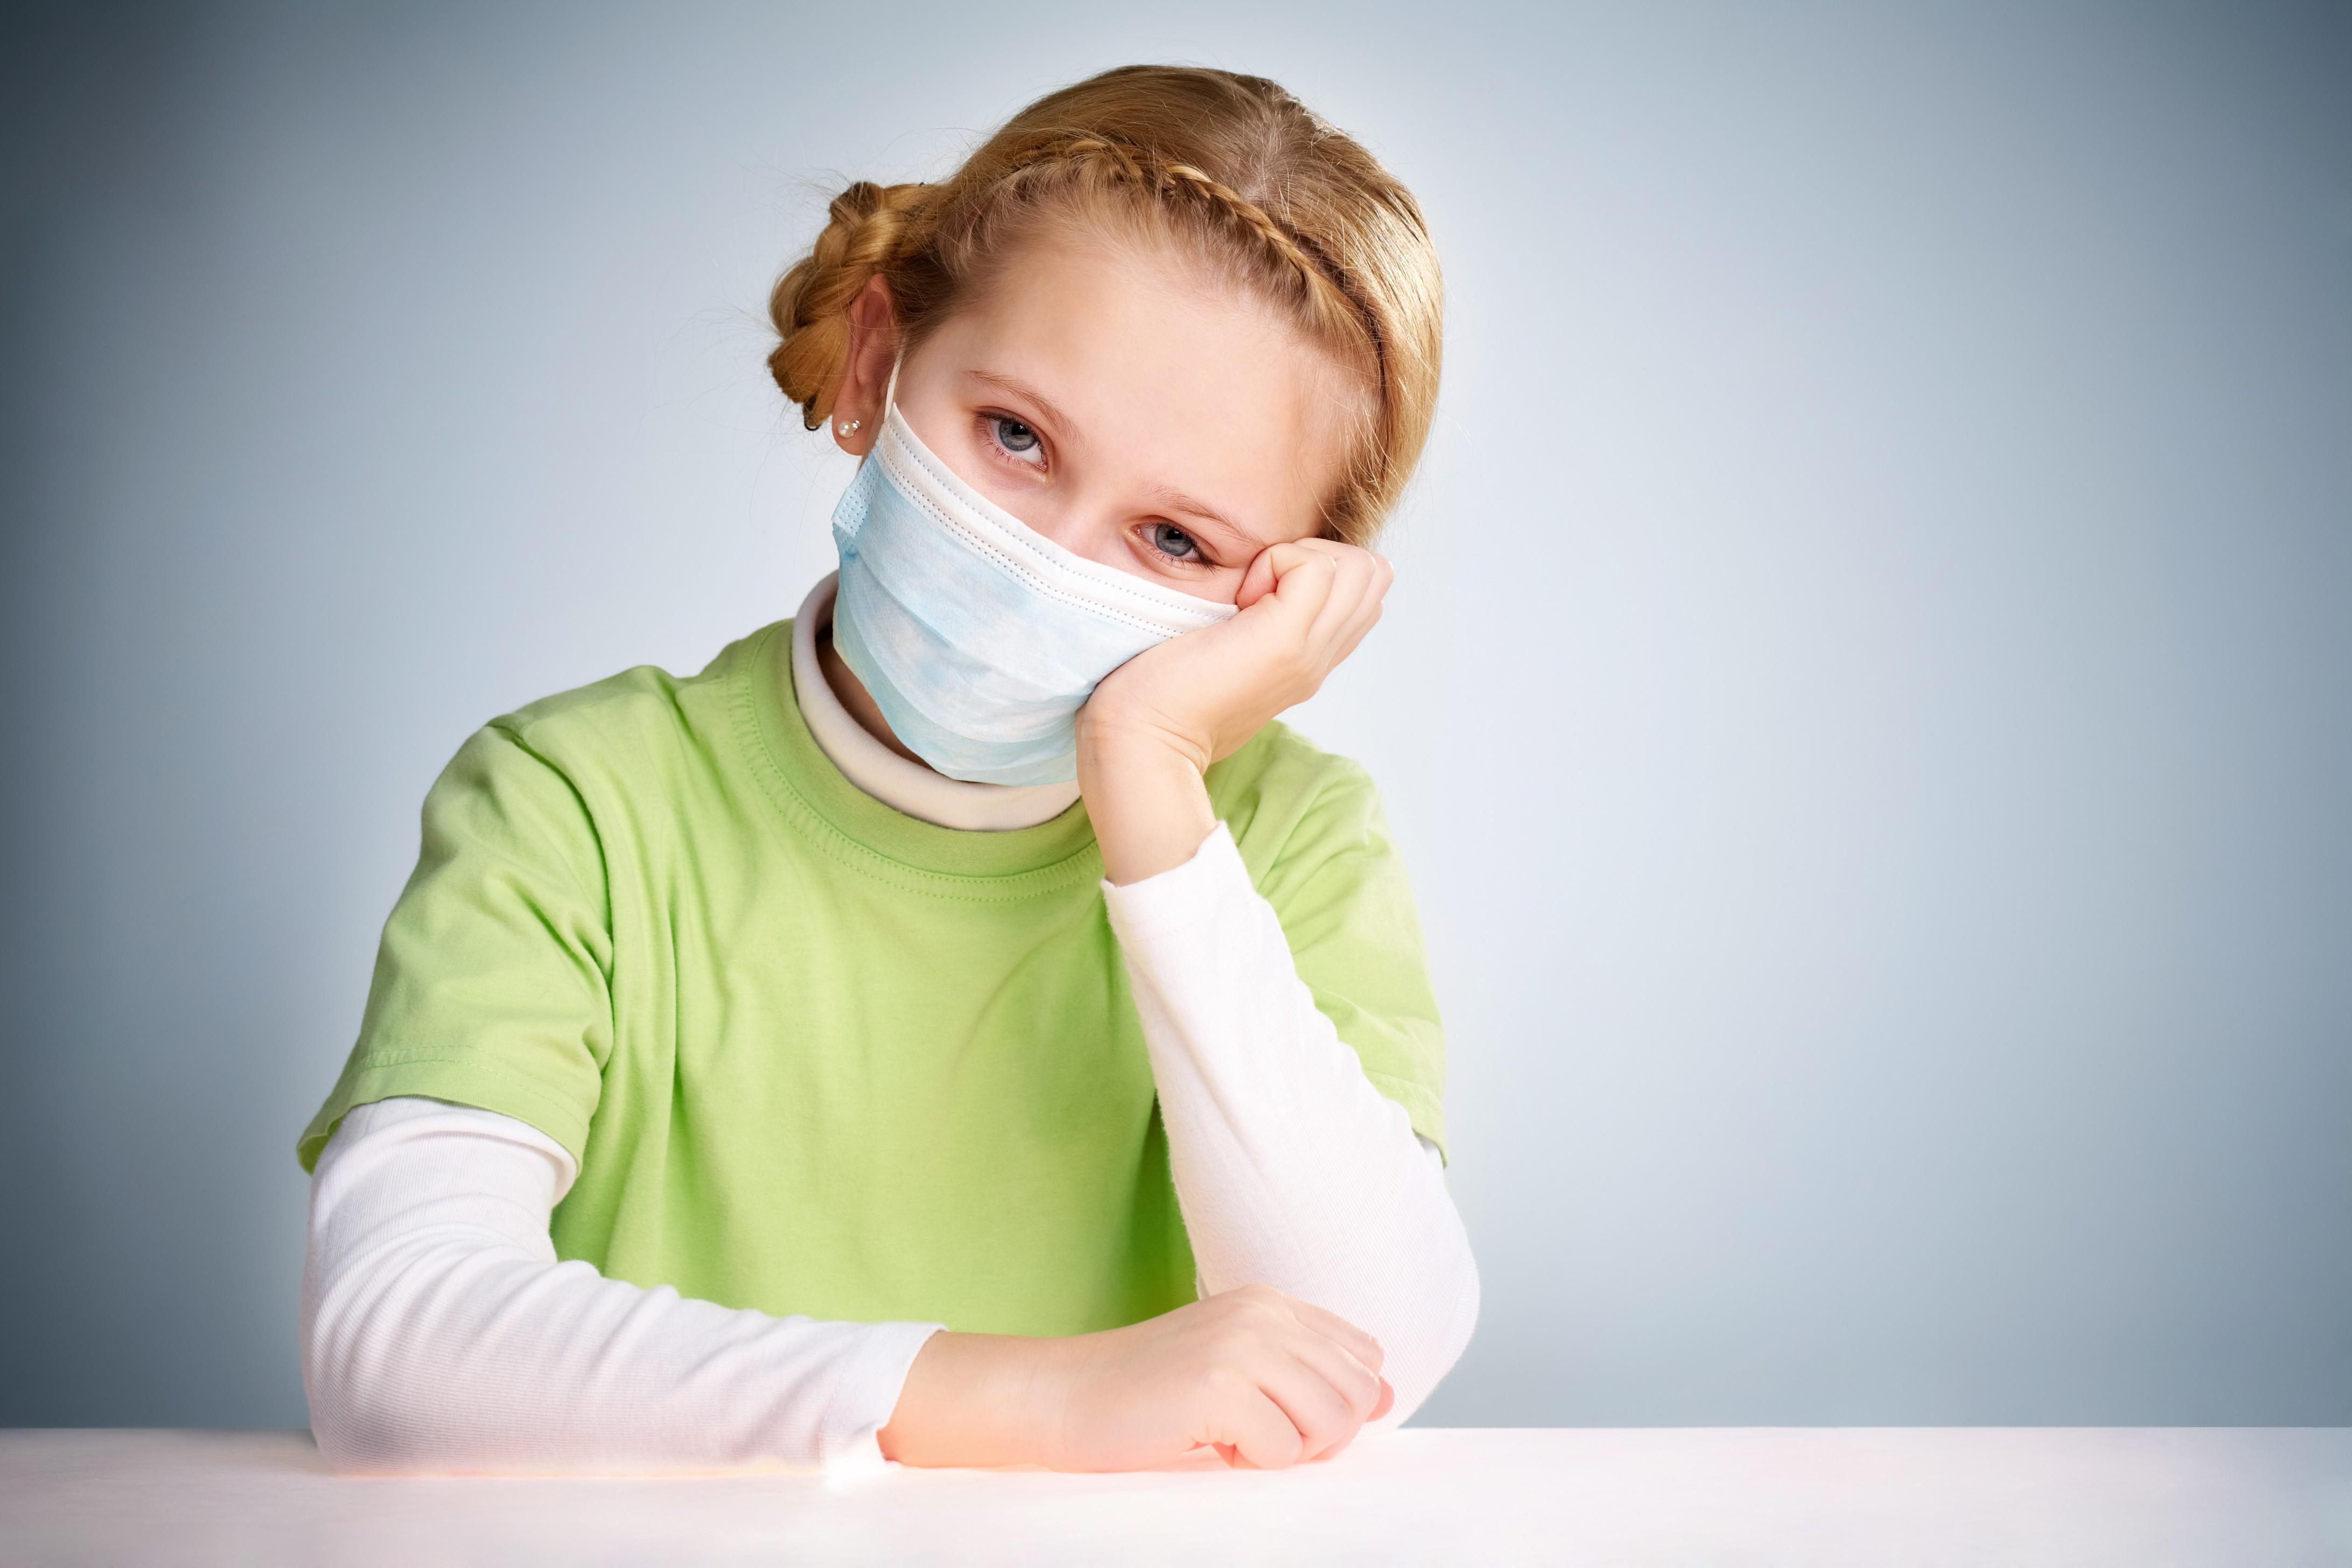 Еще не грипп, но уже опасно: в Европе фиксируют тяжелое протекание ОРВИ